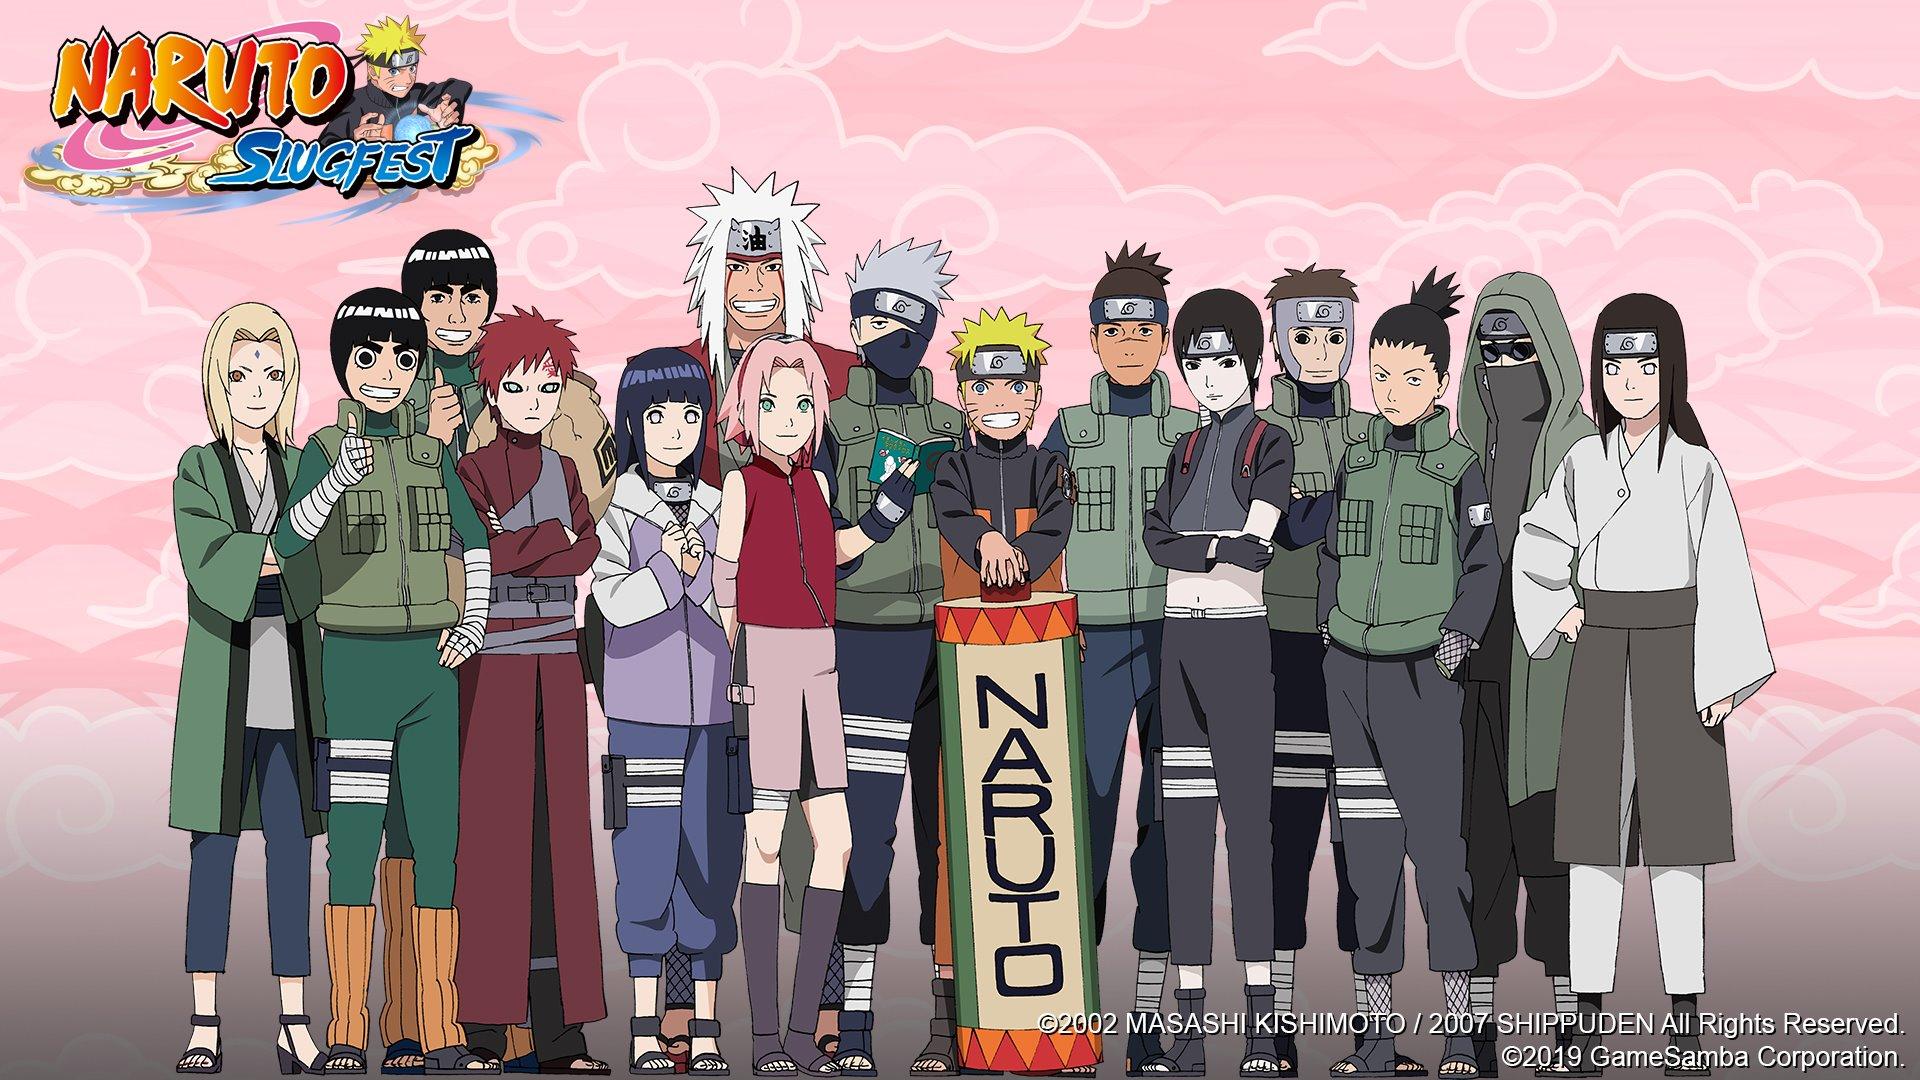 Naruto Slugfest 2422020 2